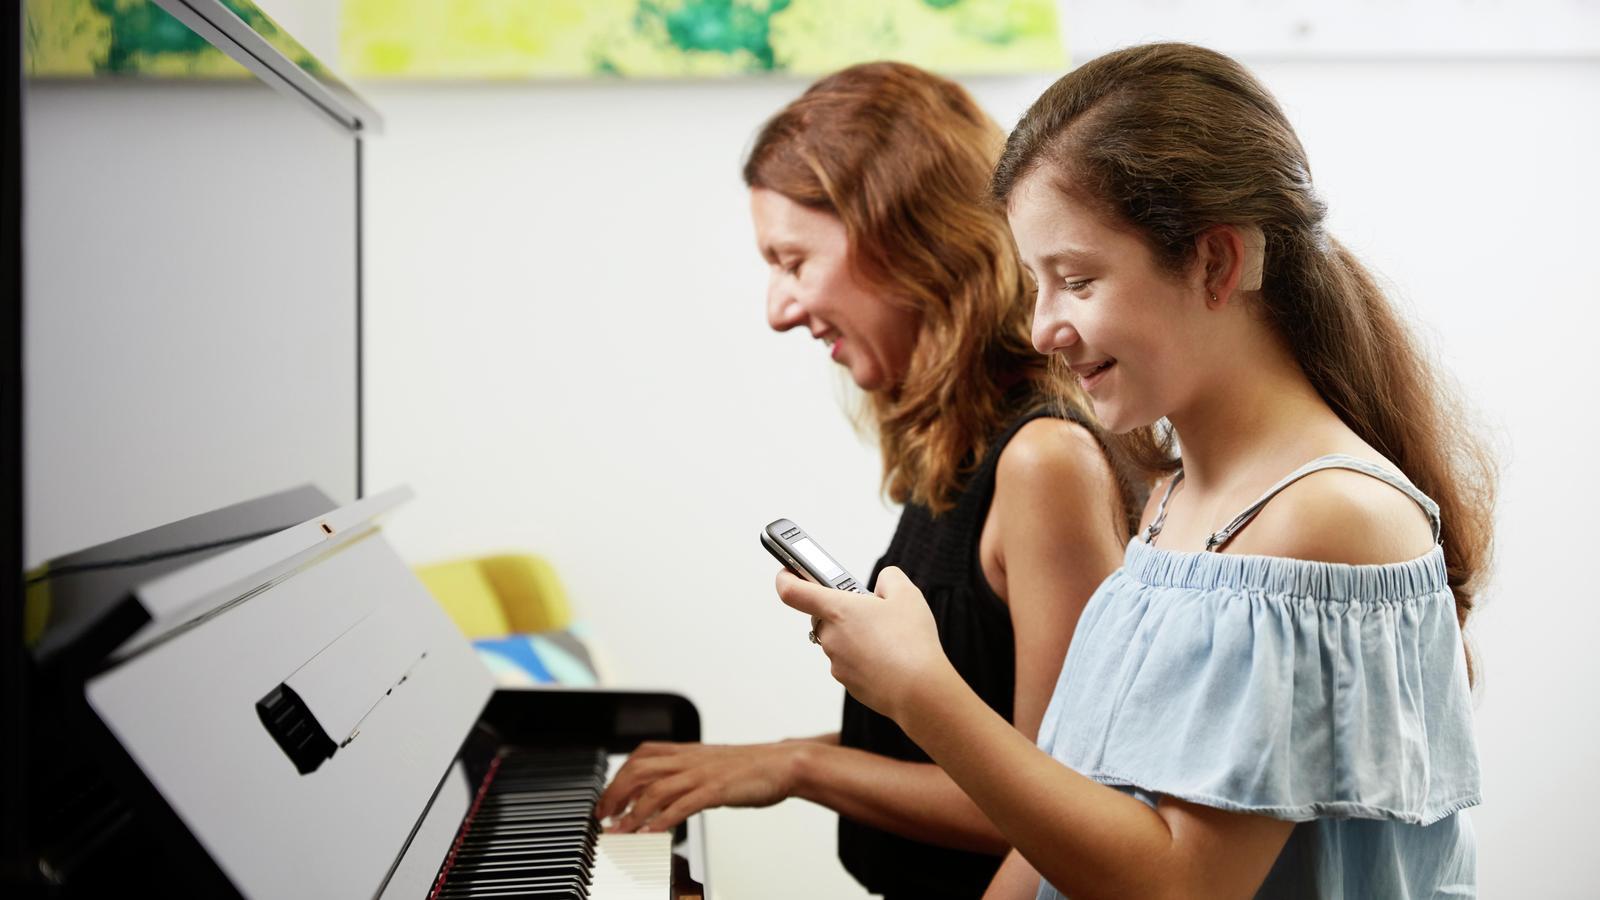 Chica adolescente usa un micrófono mientras su madre toca el piano